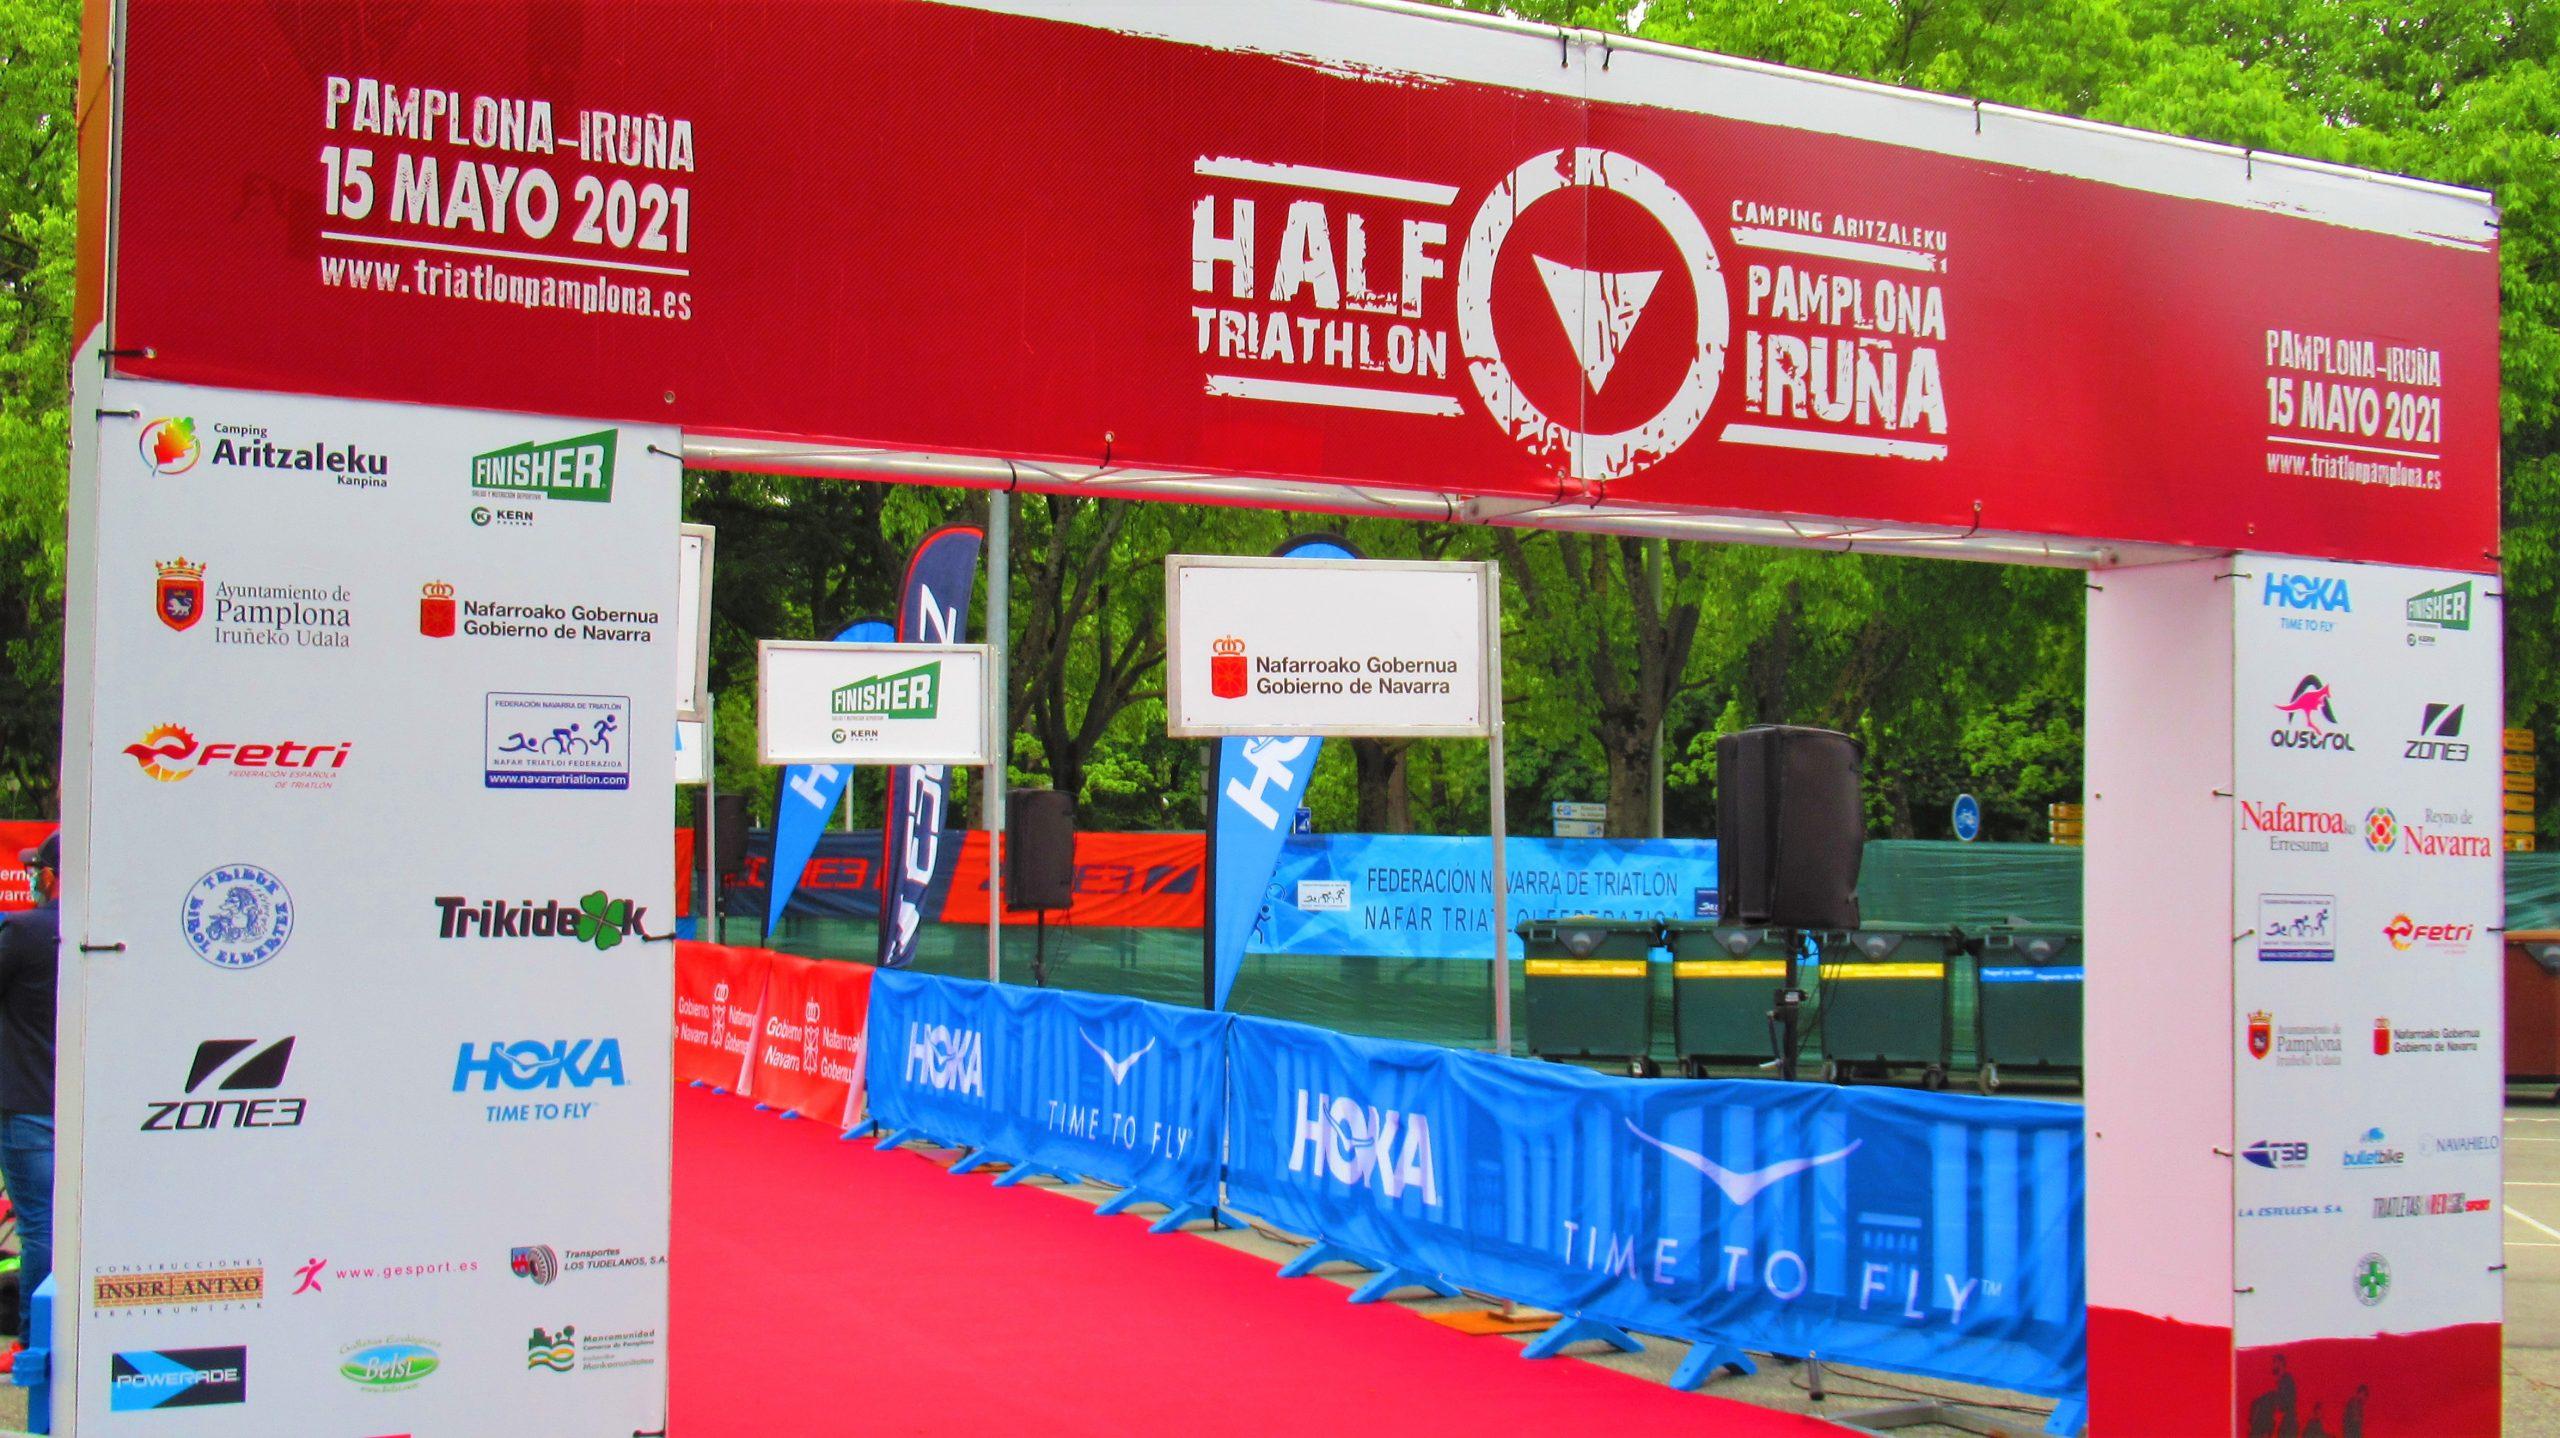 Todo a punto para el regreso del Half Triathlon Pamplona Iruña y comienzo de la Copa de España de Triatlón MD y LD